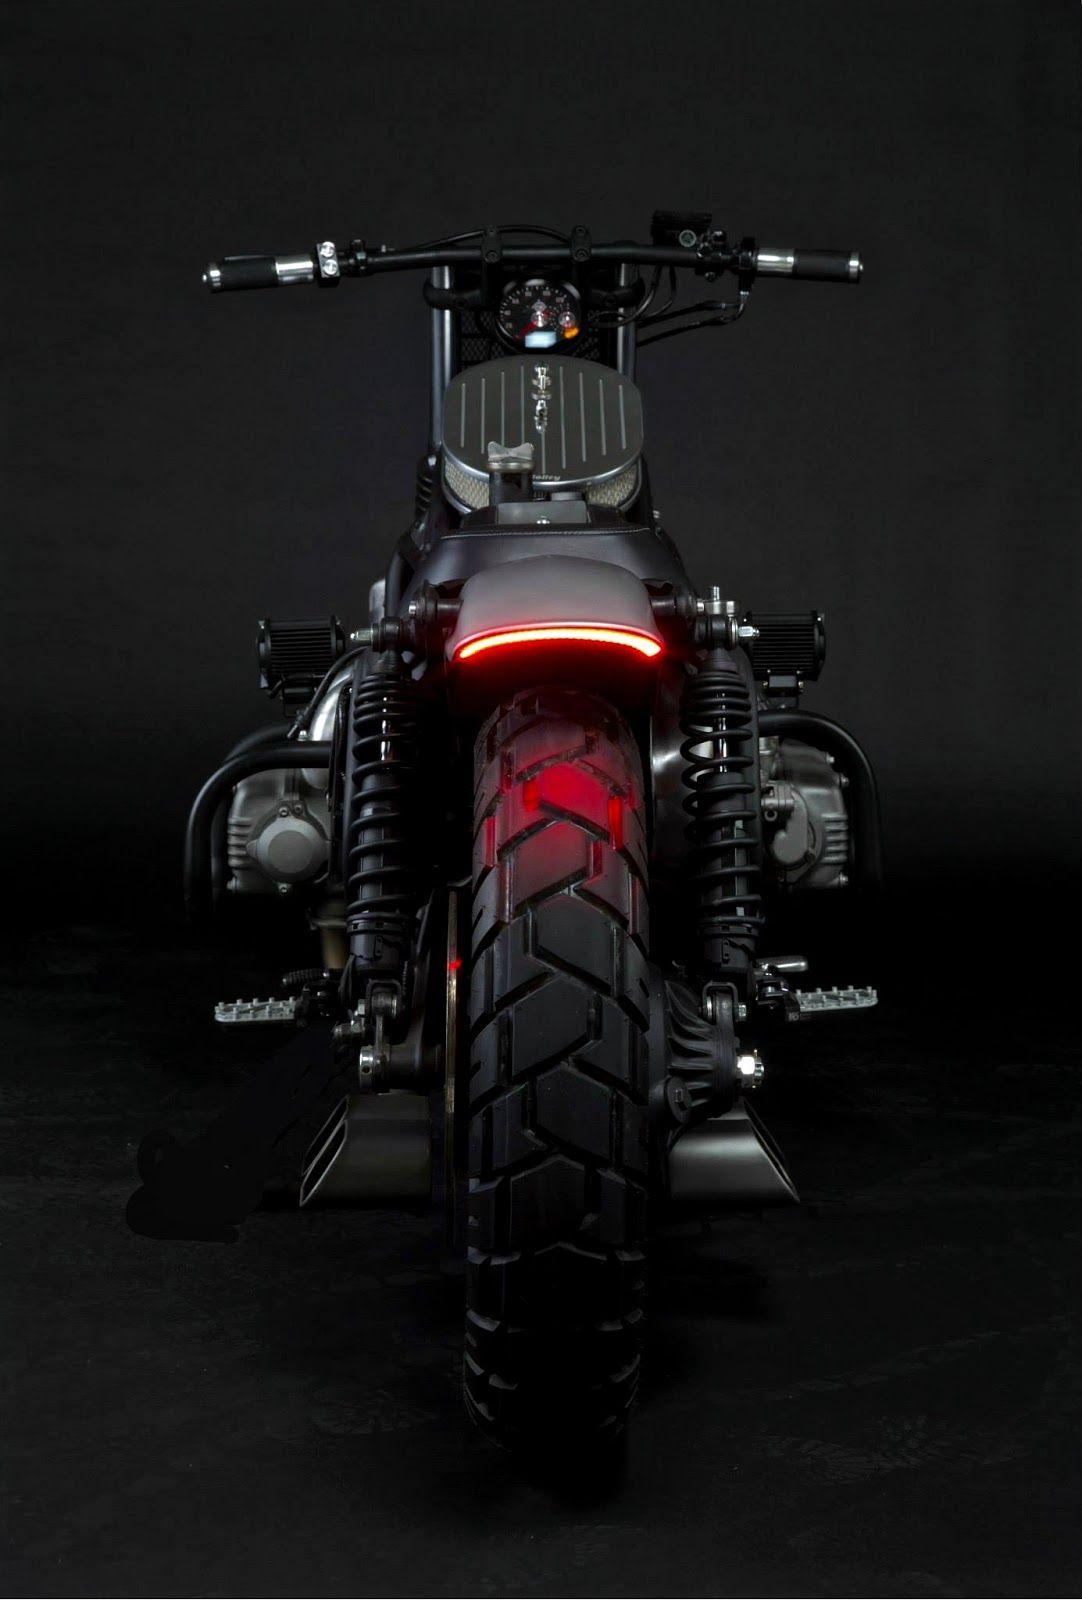 H Goldwing 005b In 2020 Custom Bikes Cafe Racers Honda Motorcycles Motorcycle